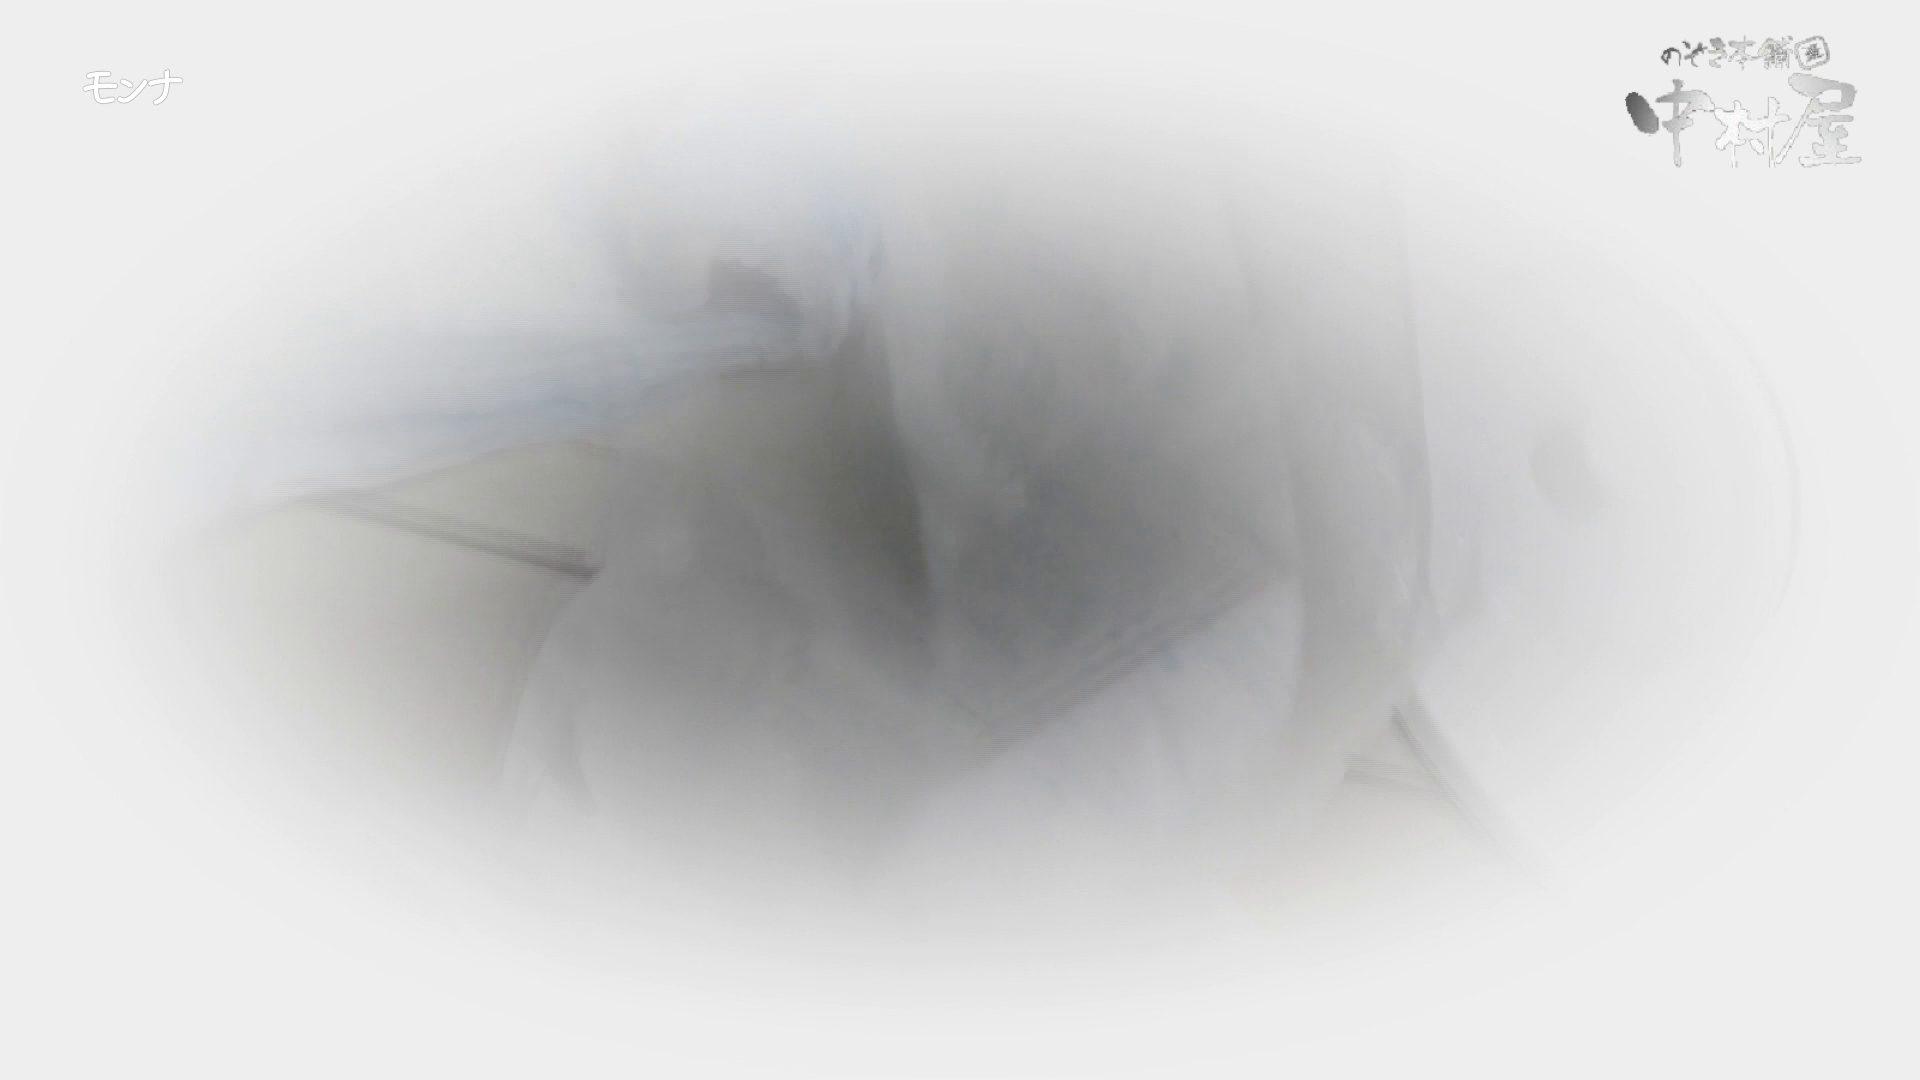 【美しい日本の未来】美しい日本の未来 No.45 無修正マンコ 隠し撮りオマンコ動画紹介 74連発 17